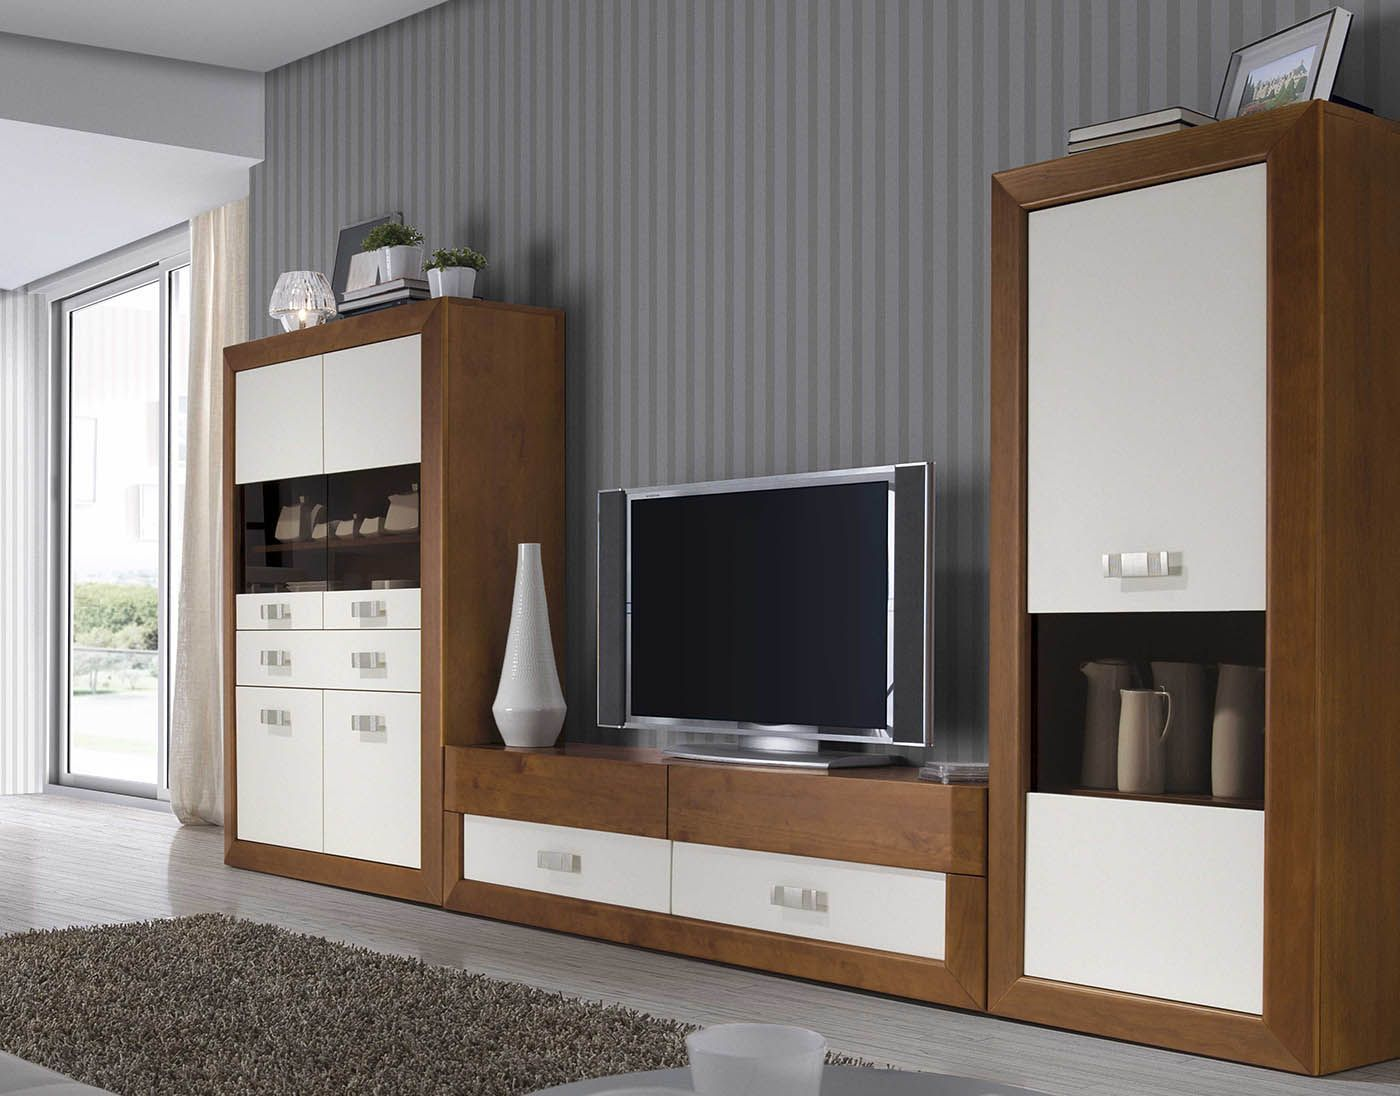 Salon Modular En Medida De 3 26m De Madera De Pino Maciza En Color Nogal Combinado Blanco Disponible En Otros Colores Y Medidas Home Furniture Home Decor